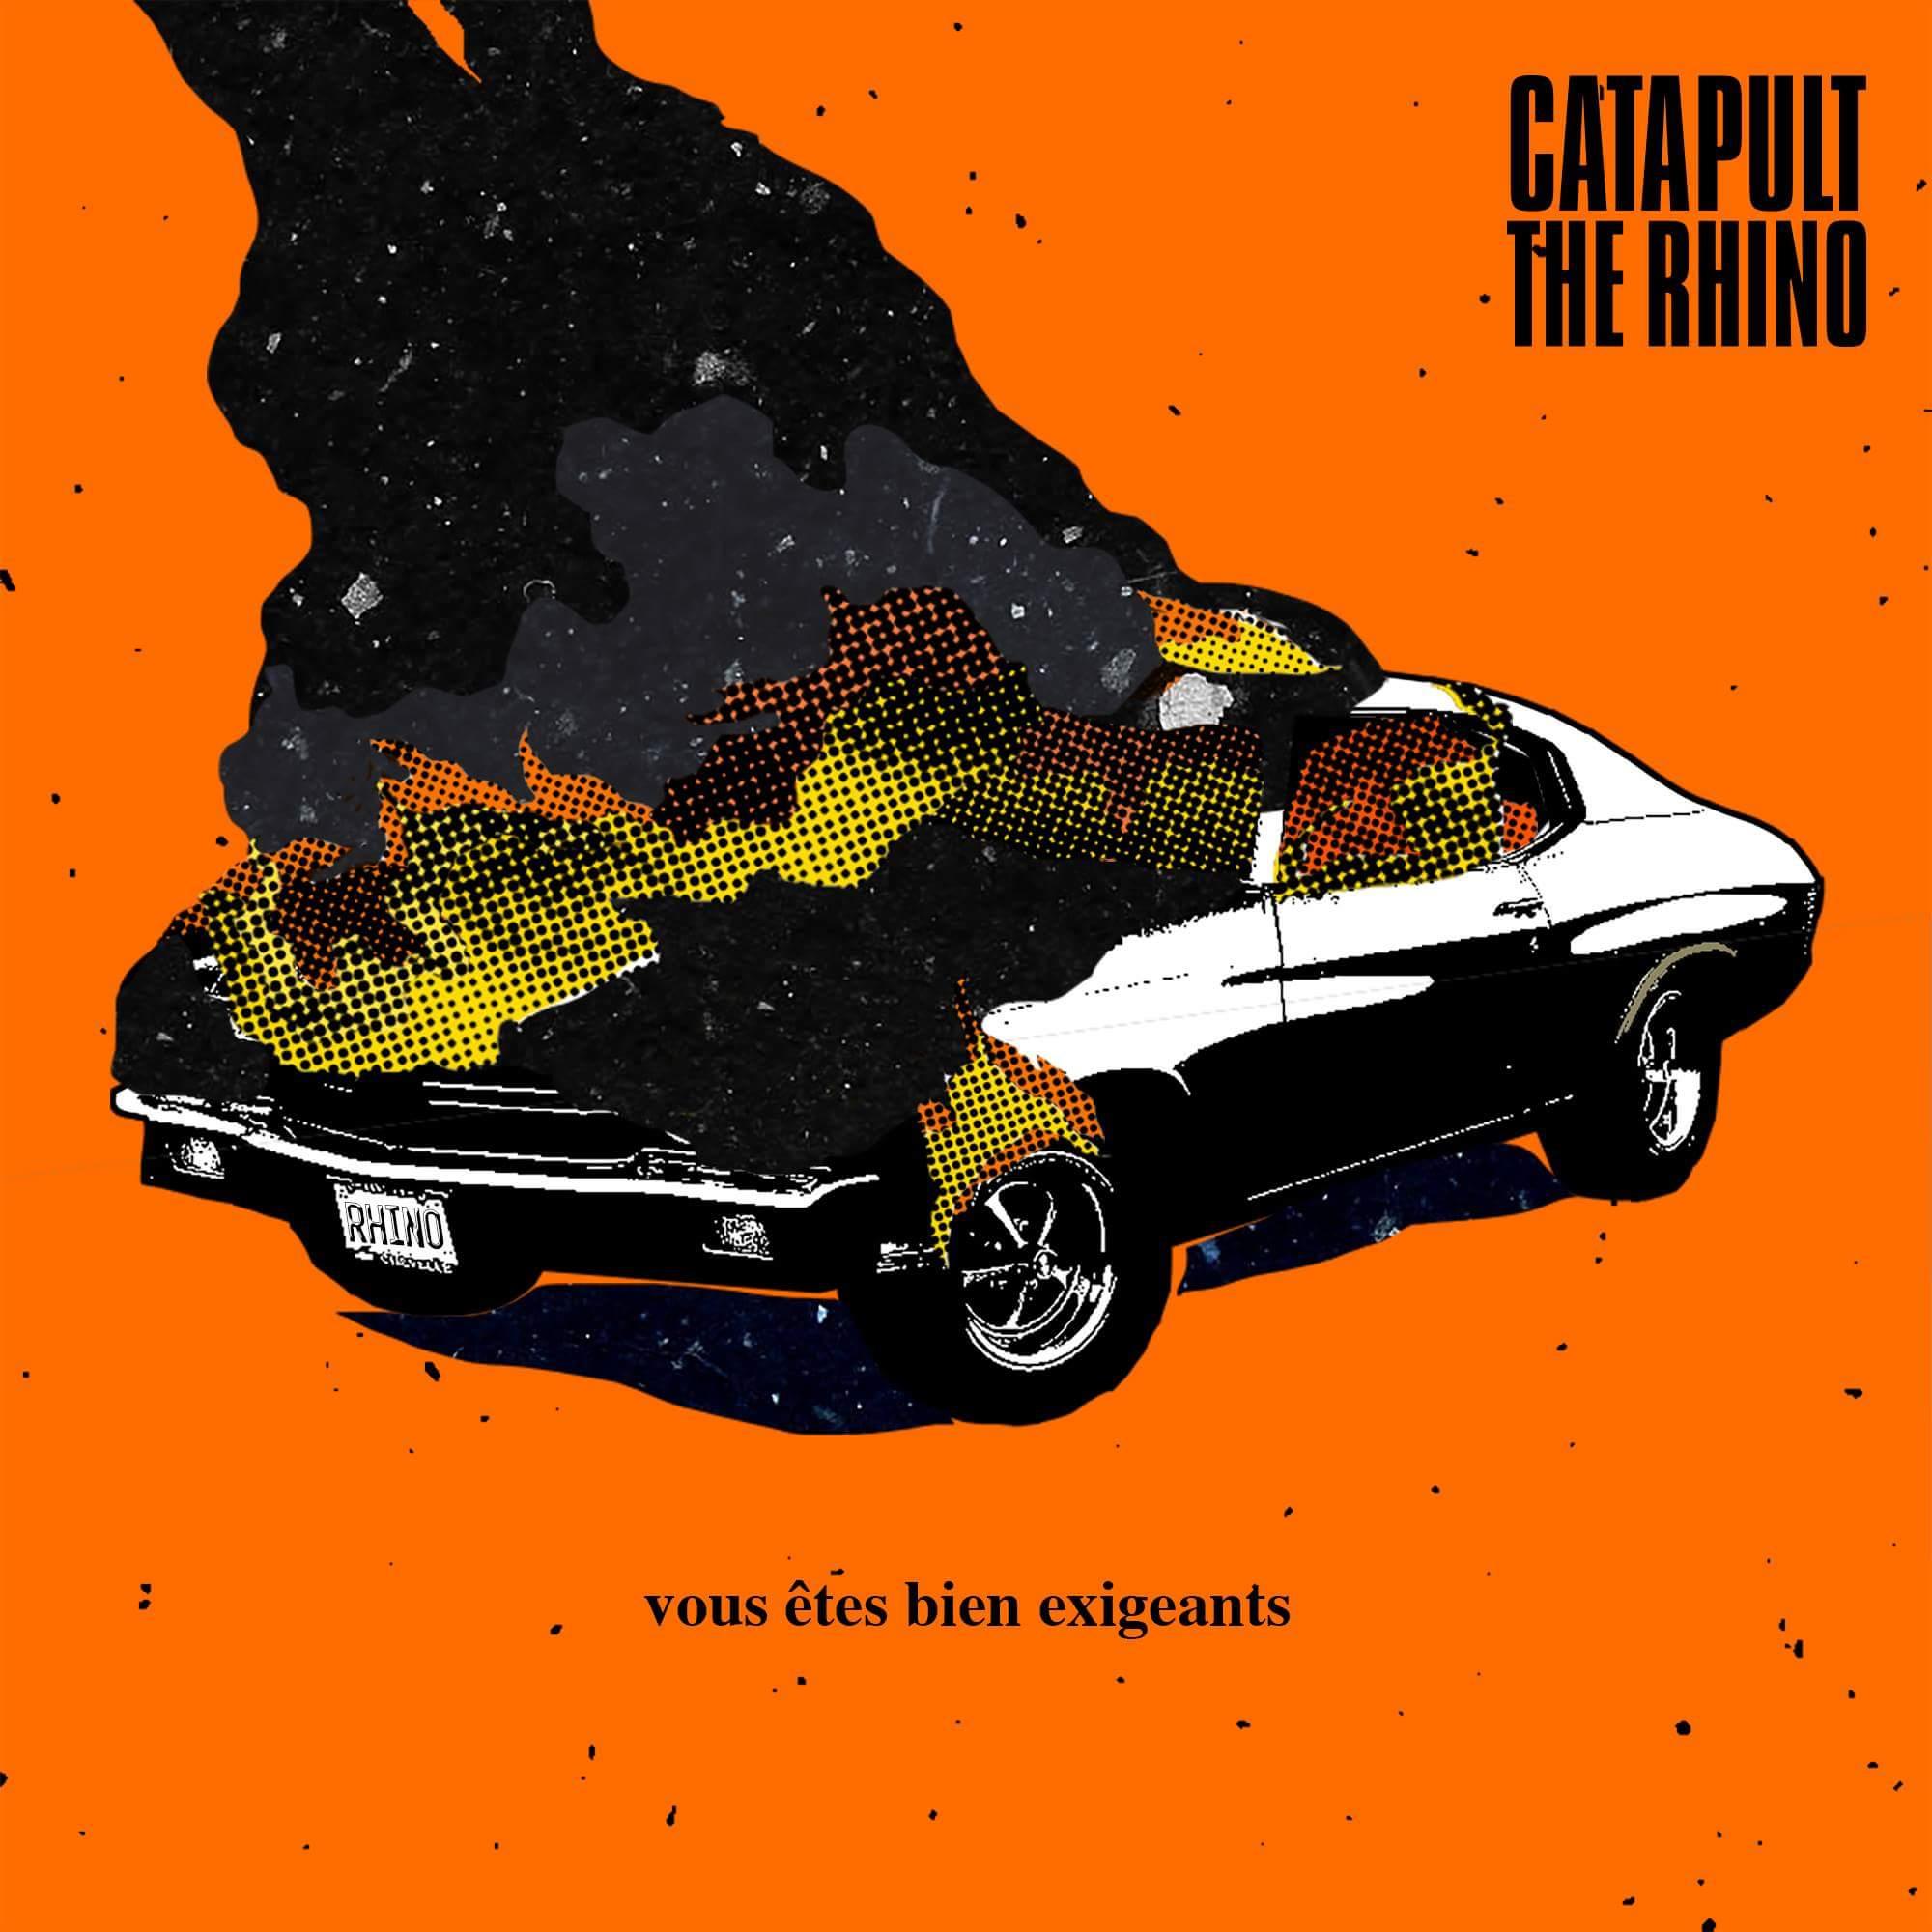 Catapult The Rhino